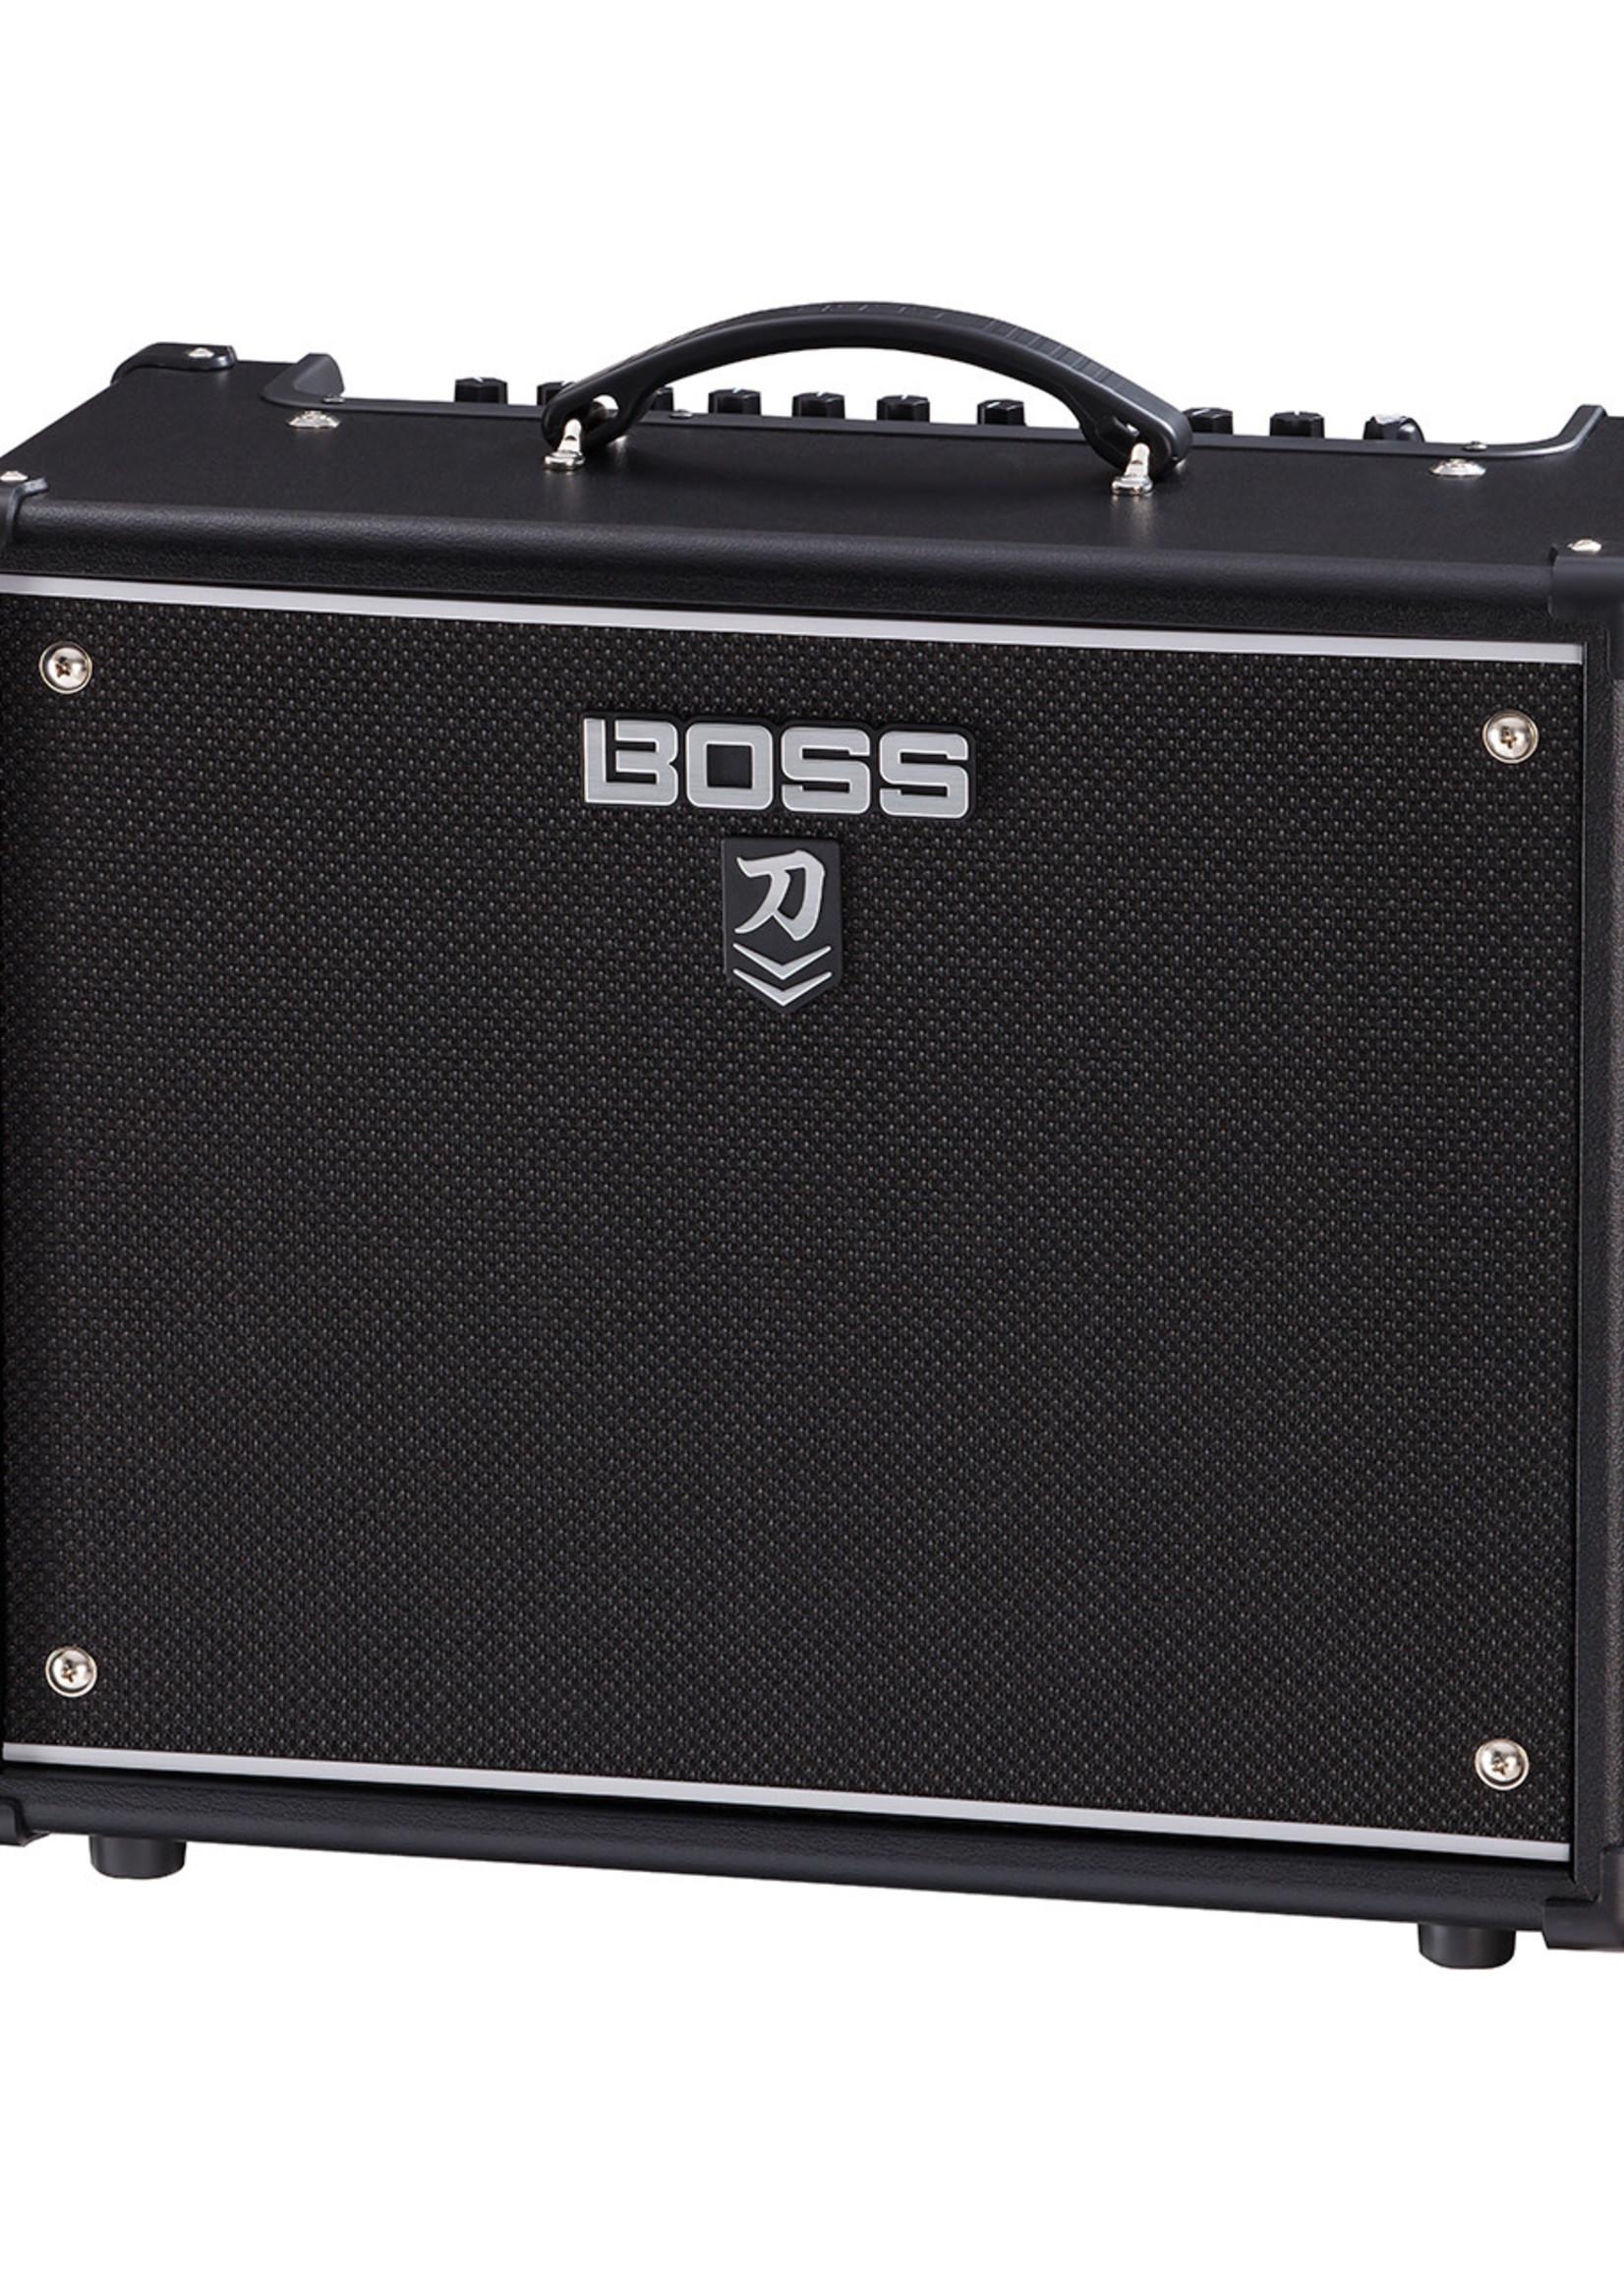 BOSS KTN-50 MKII BOSS